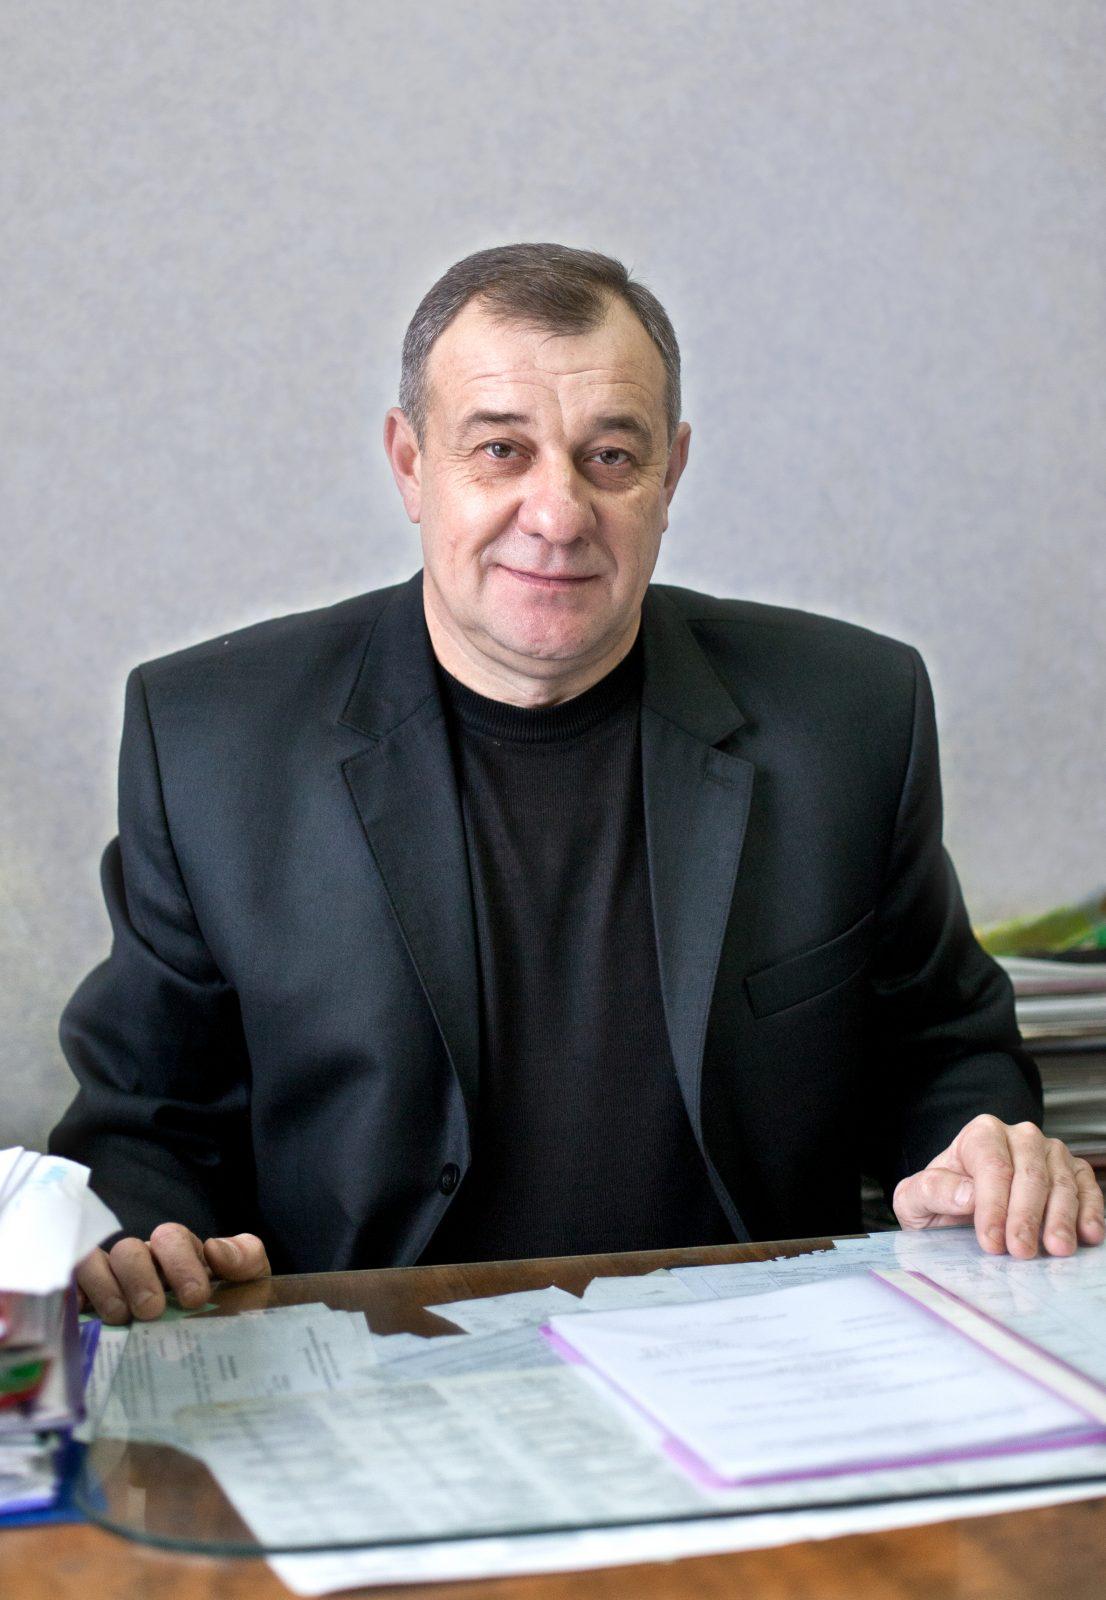 Завідувач відділу післядипломної освіти: Євтушенко Анатолій Олексійович